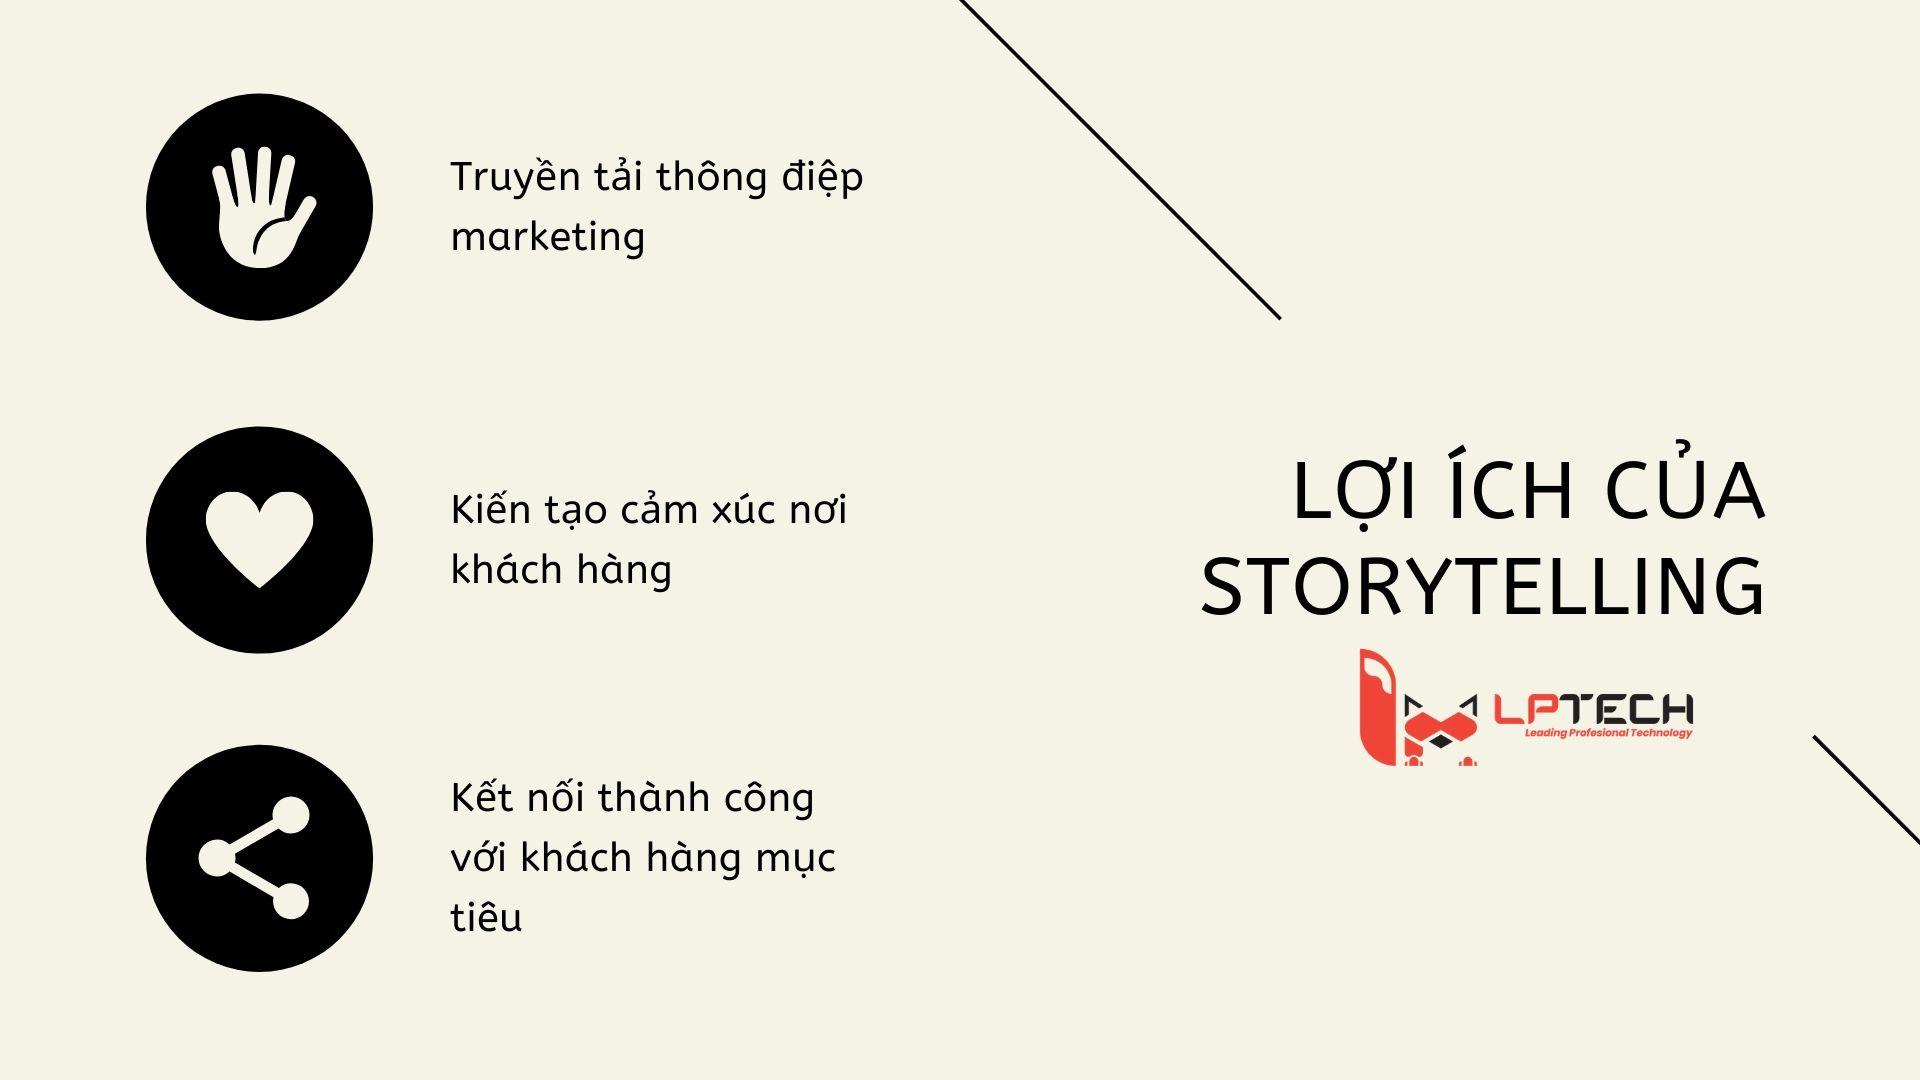 Lợi ích của storytelling đối với marketing